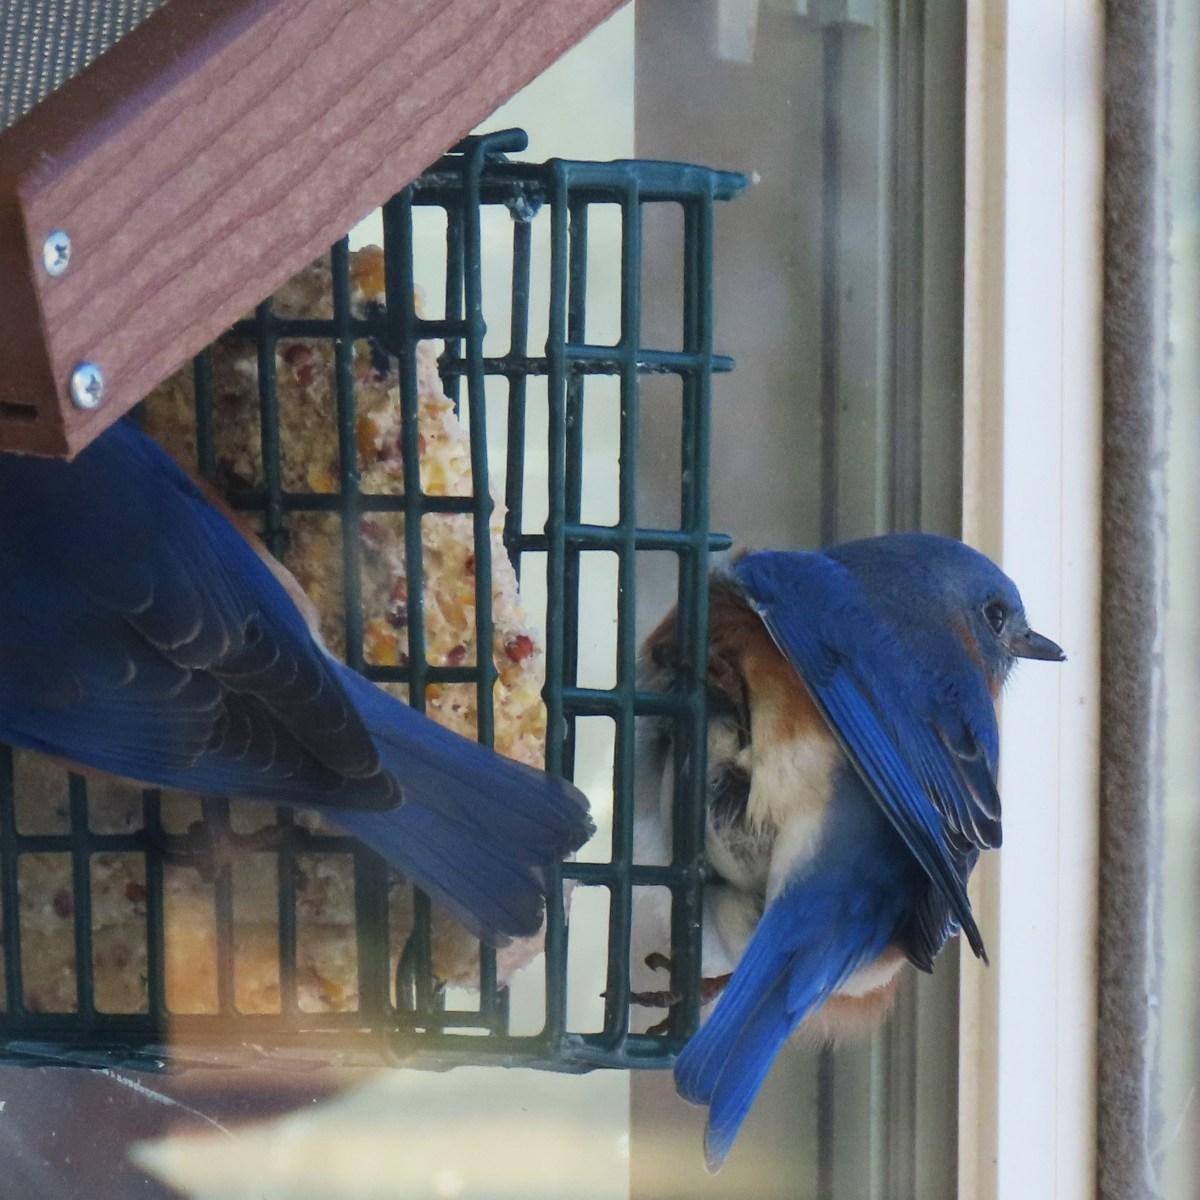 Two Eastern Bluebirds at a window bird feeder